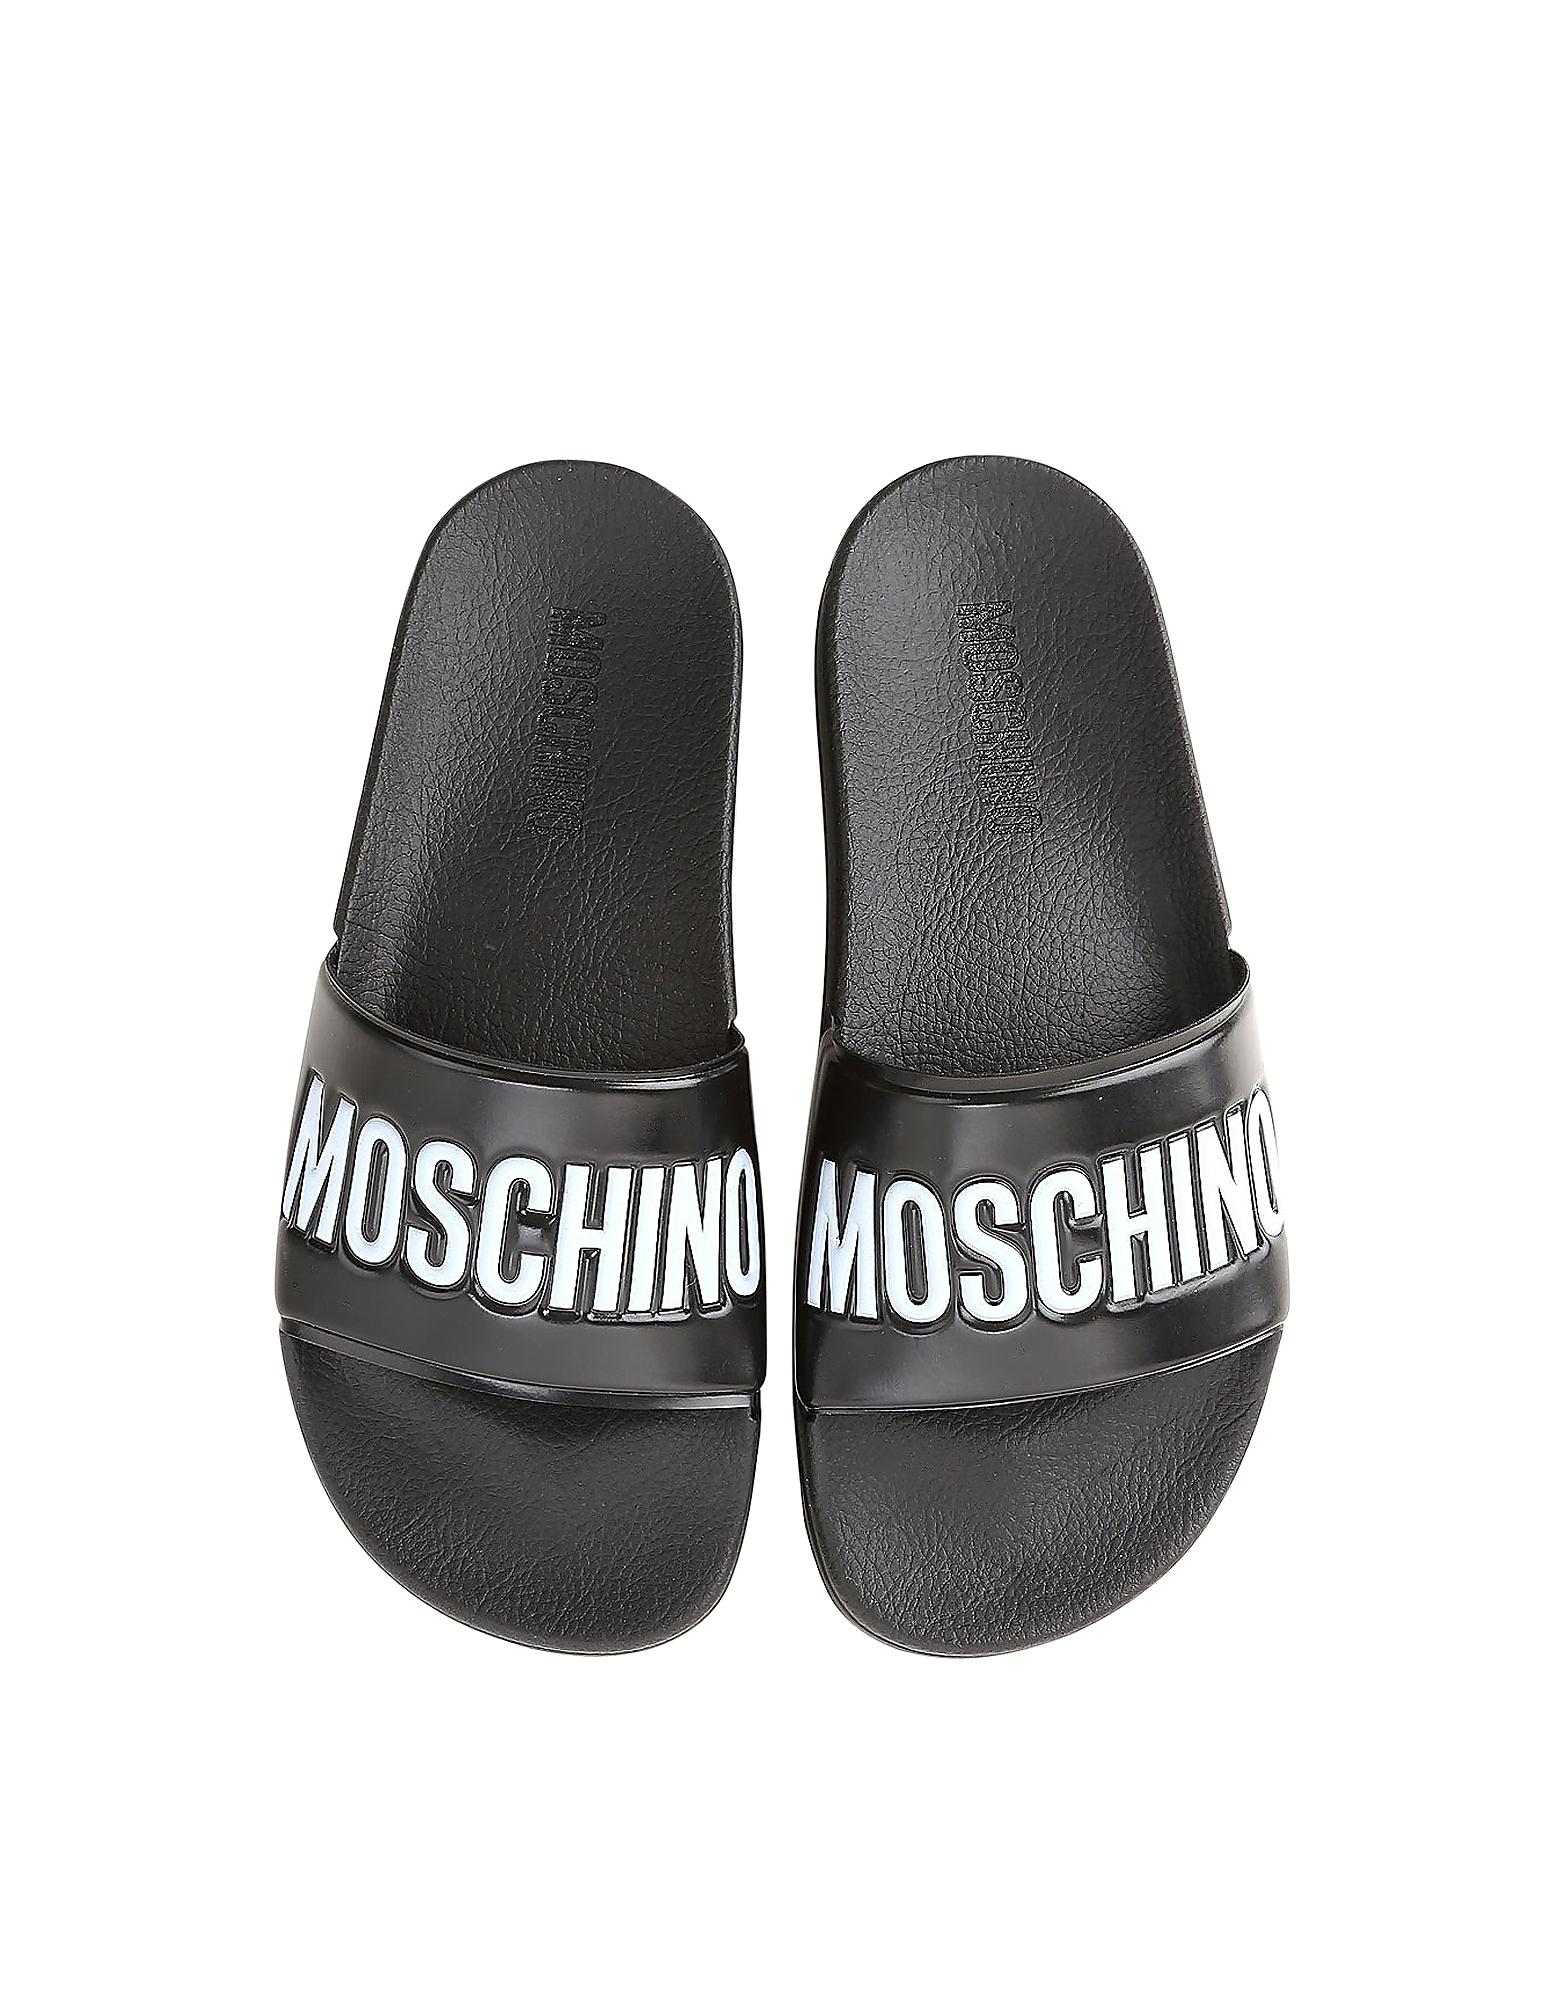 Black Pool Slider Sandals w/White Logo